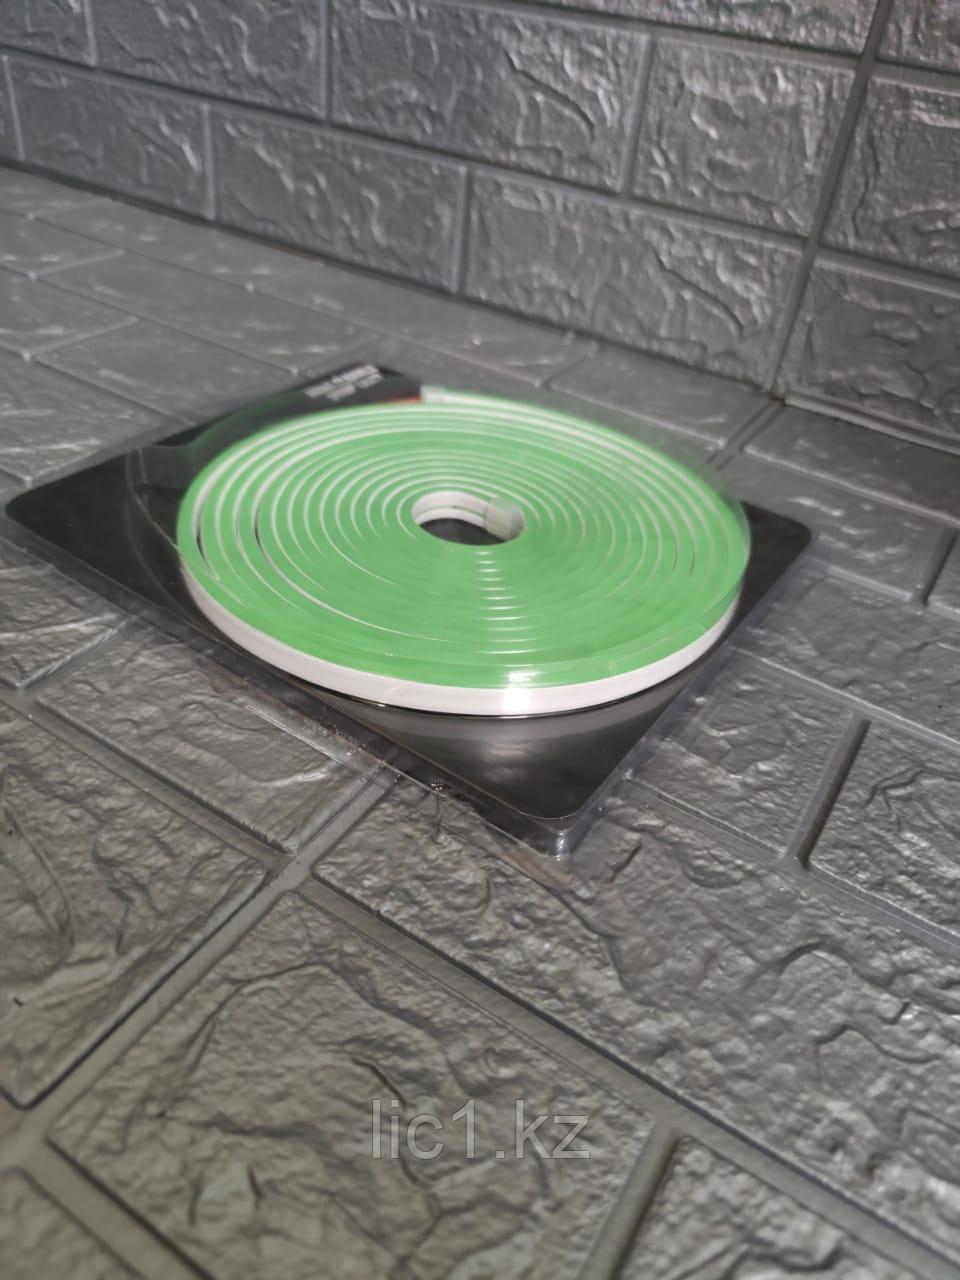 Светодиодная неоновая лента NRG зеленый 5м. Неон.Светодиодная лента.Неон гибкая